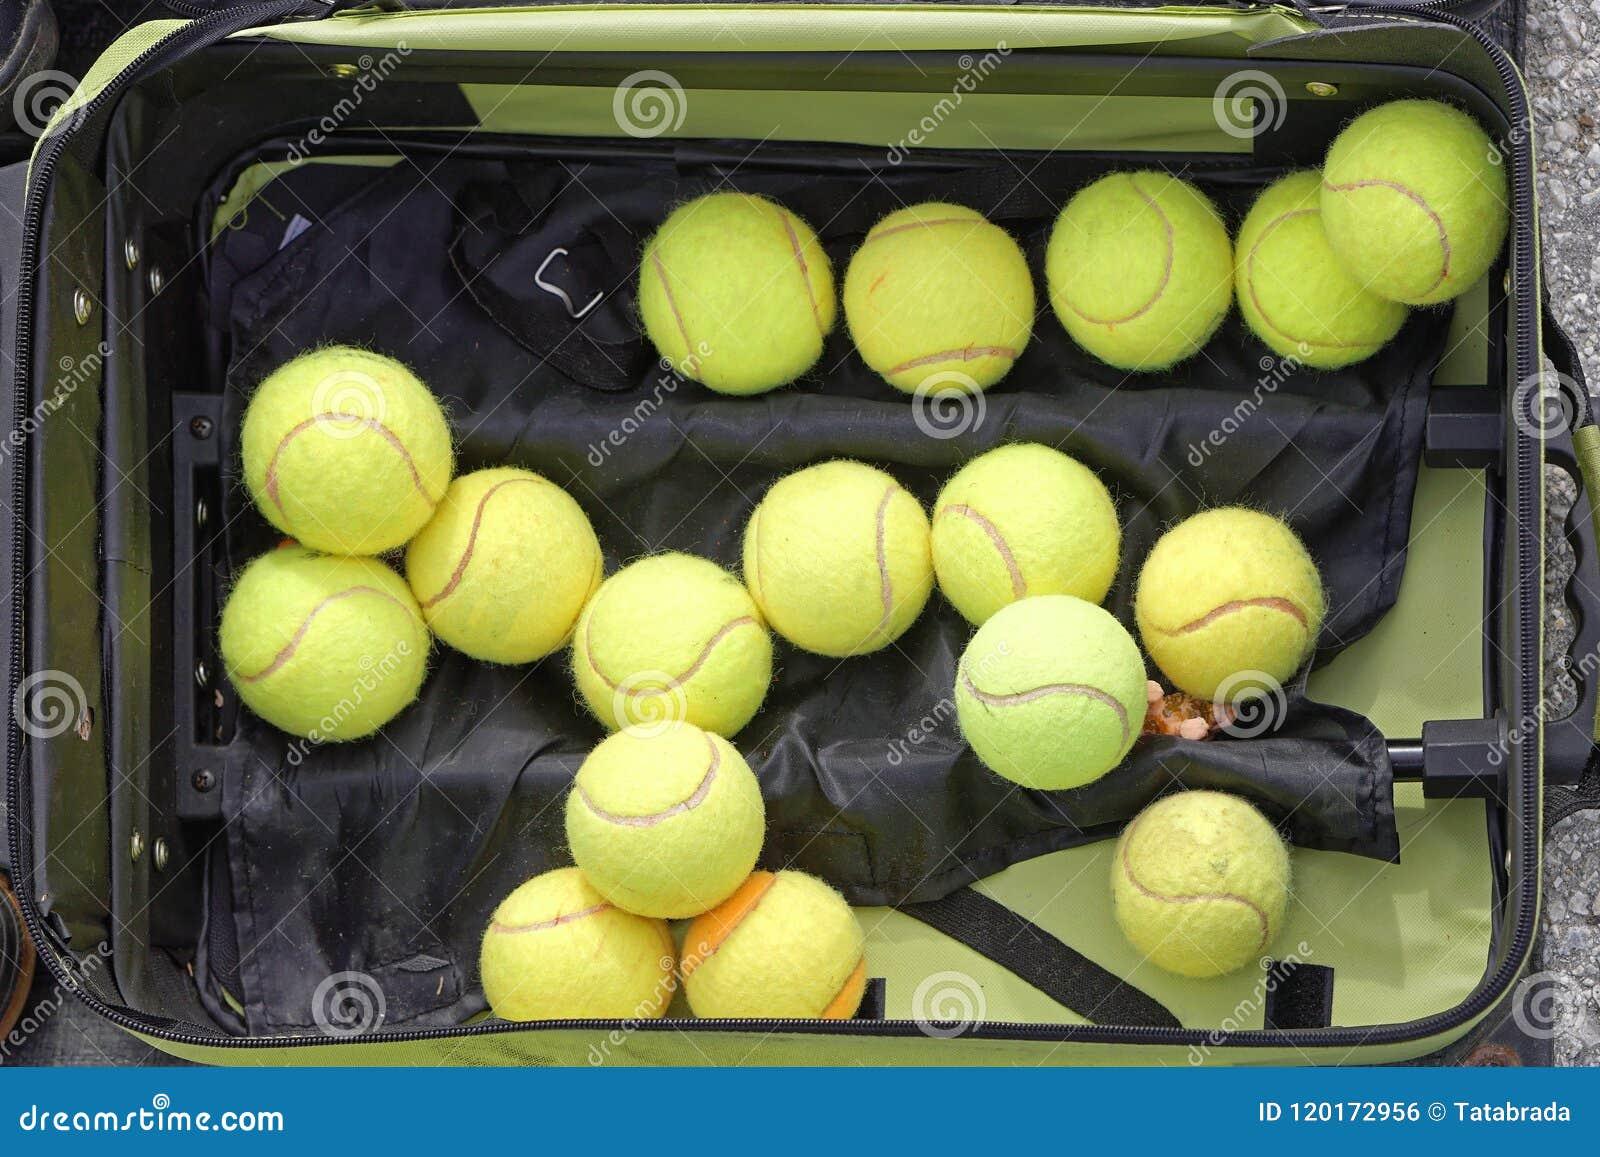 - jasne, pochodzenie jaj zielony jednorodny jedna położyć większy tenis